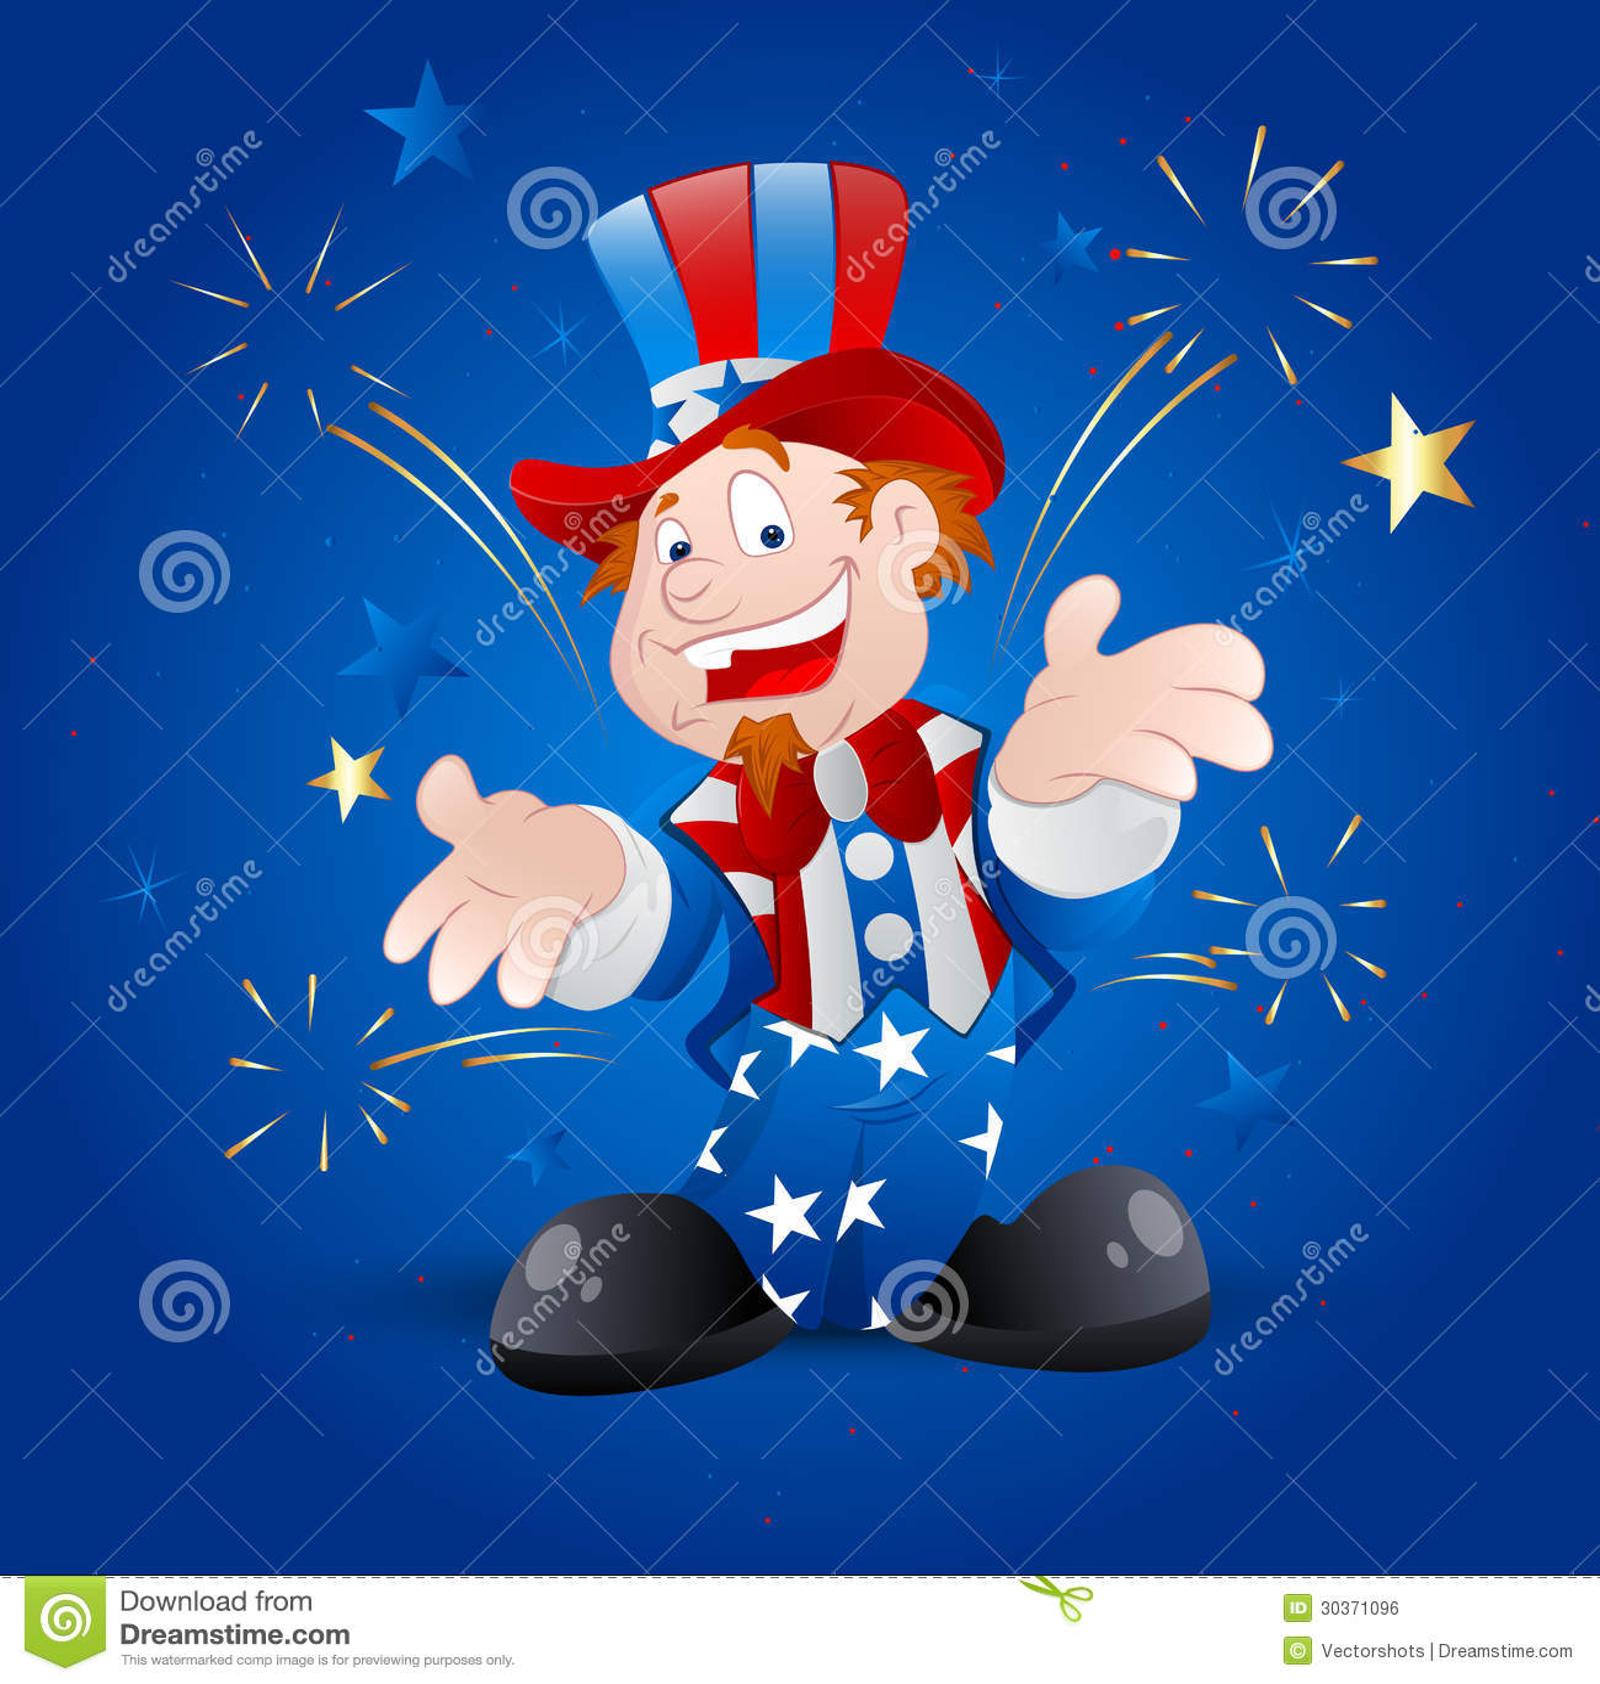 Vector Illustration of Cartoon Happy Cheerful Patriotic Uncle Sam ...